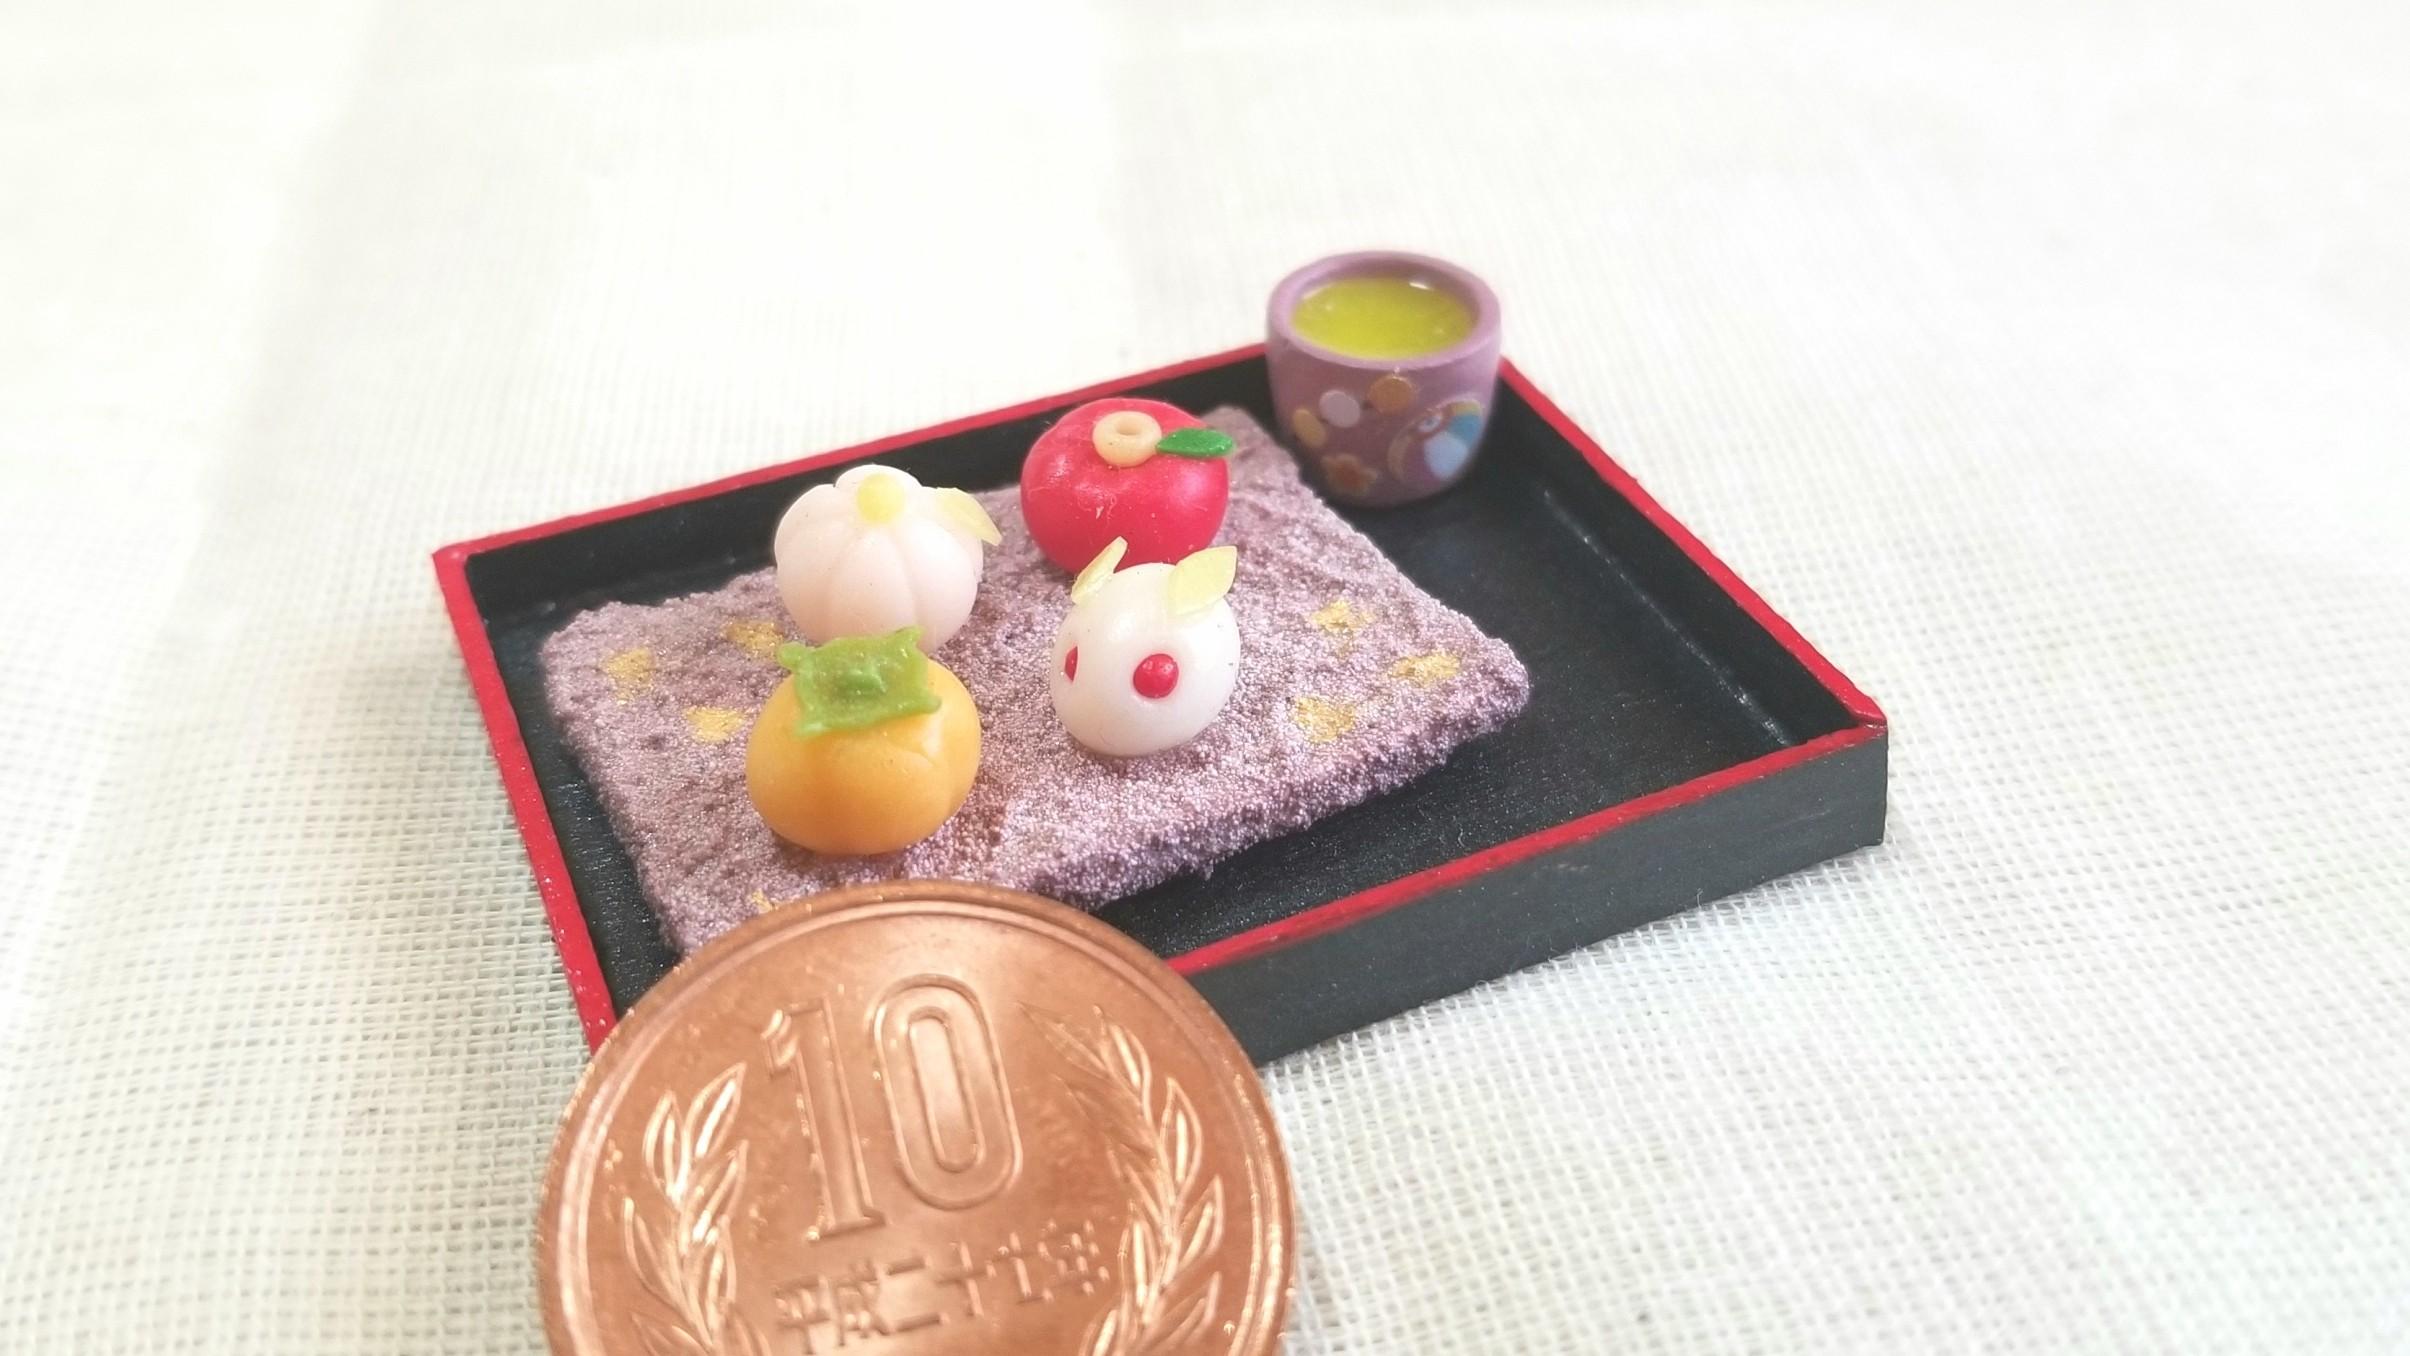 食べたい和菓子,おいしいおすすめ,かわいいおしゃれ,よもぎブログ